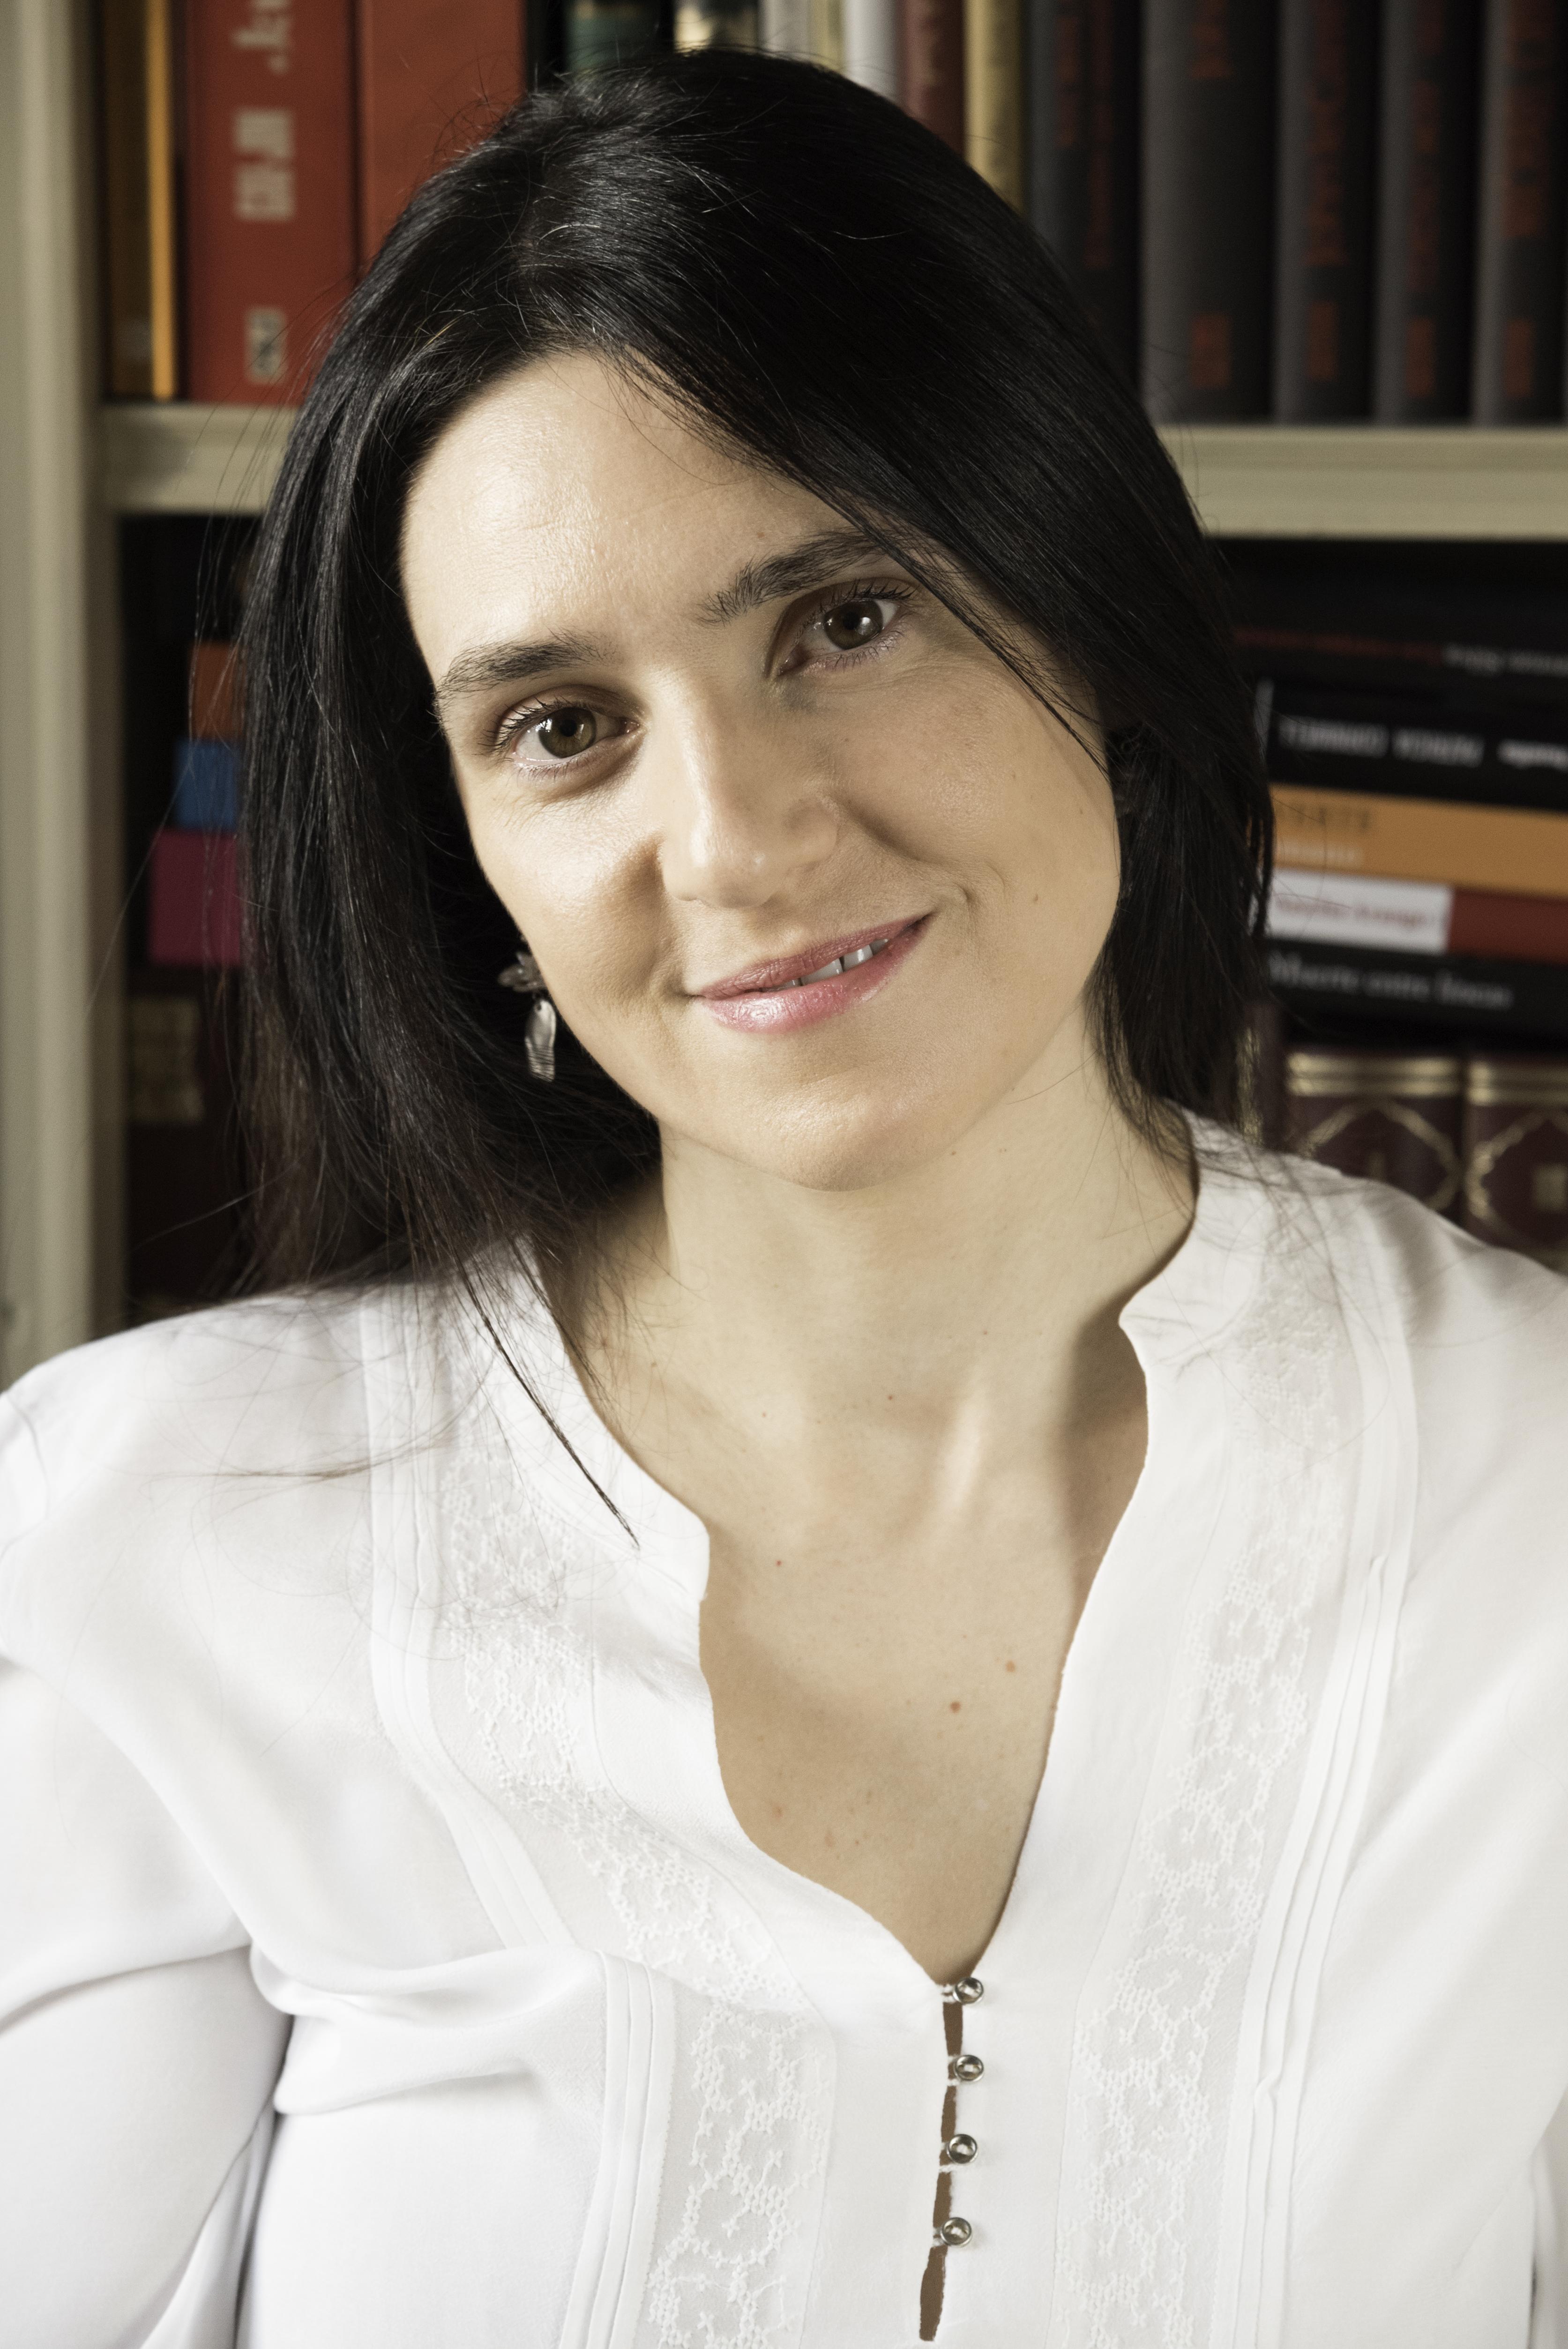 Teresa Ruano